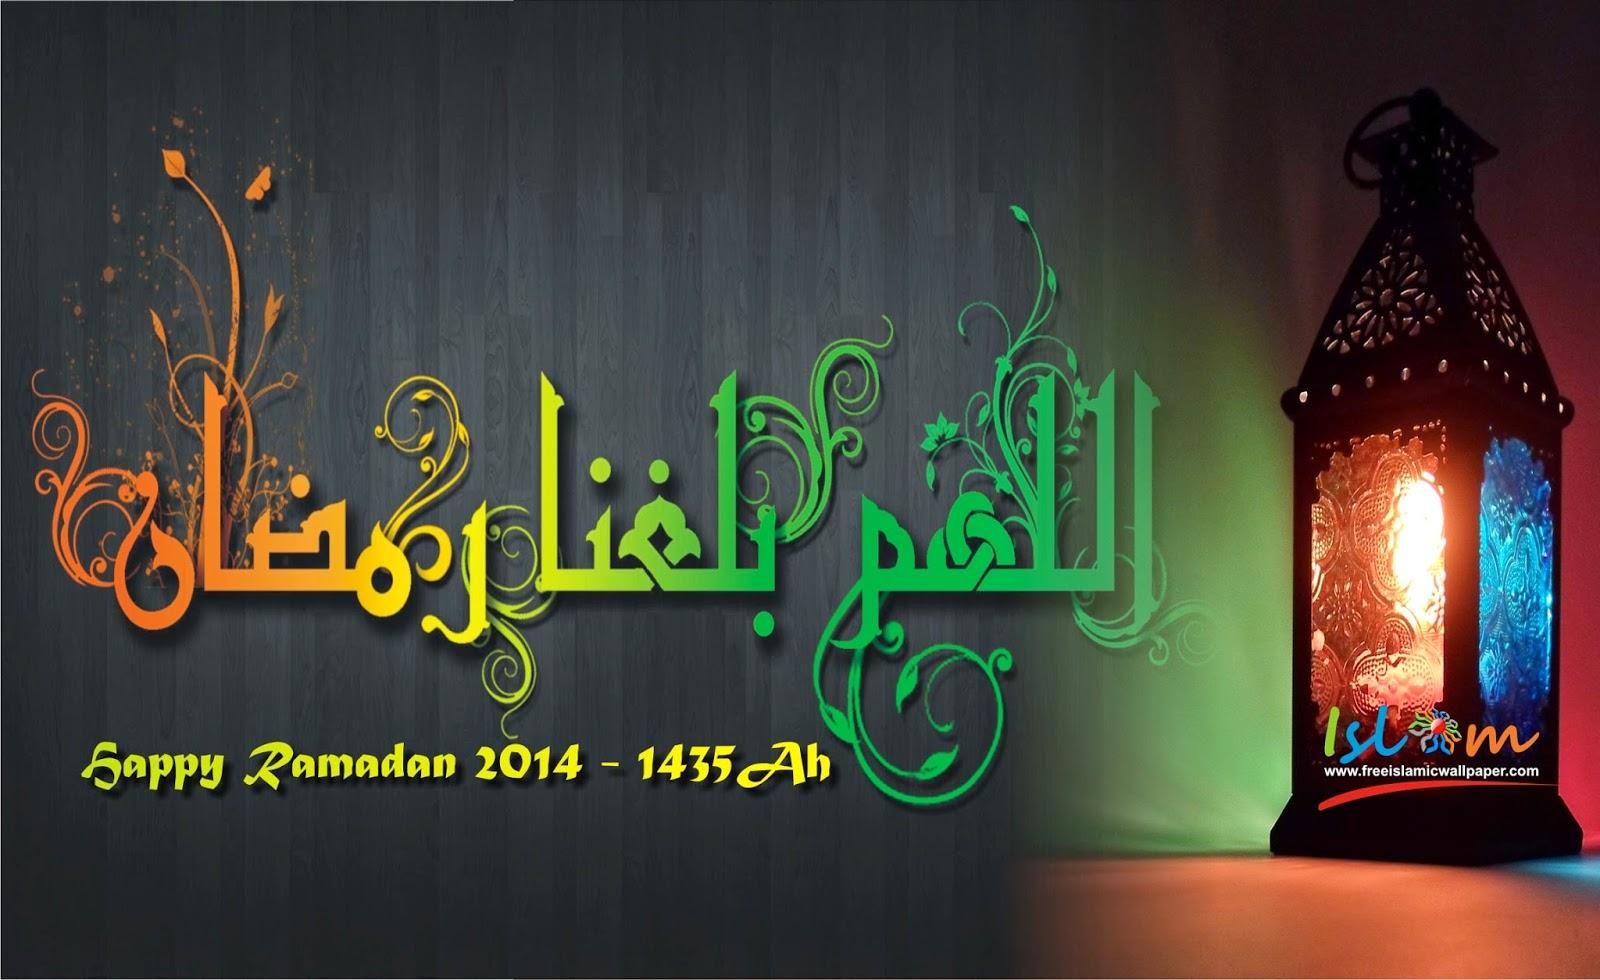 Ramadan Wallpaper 2014